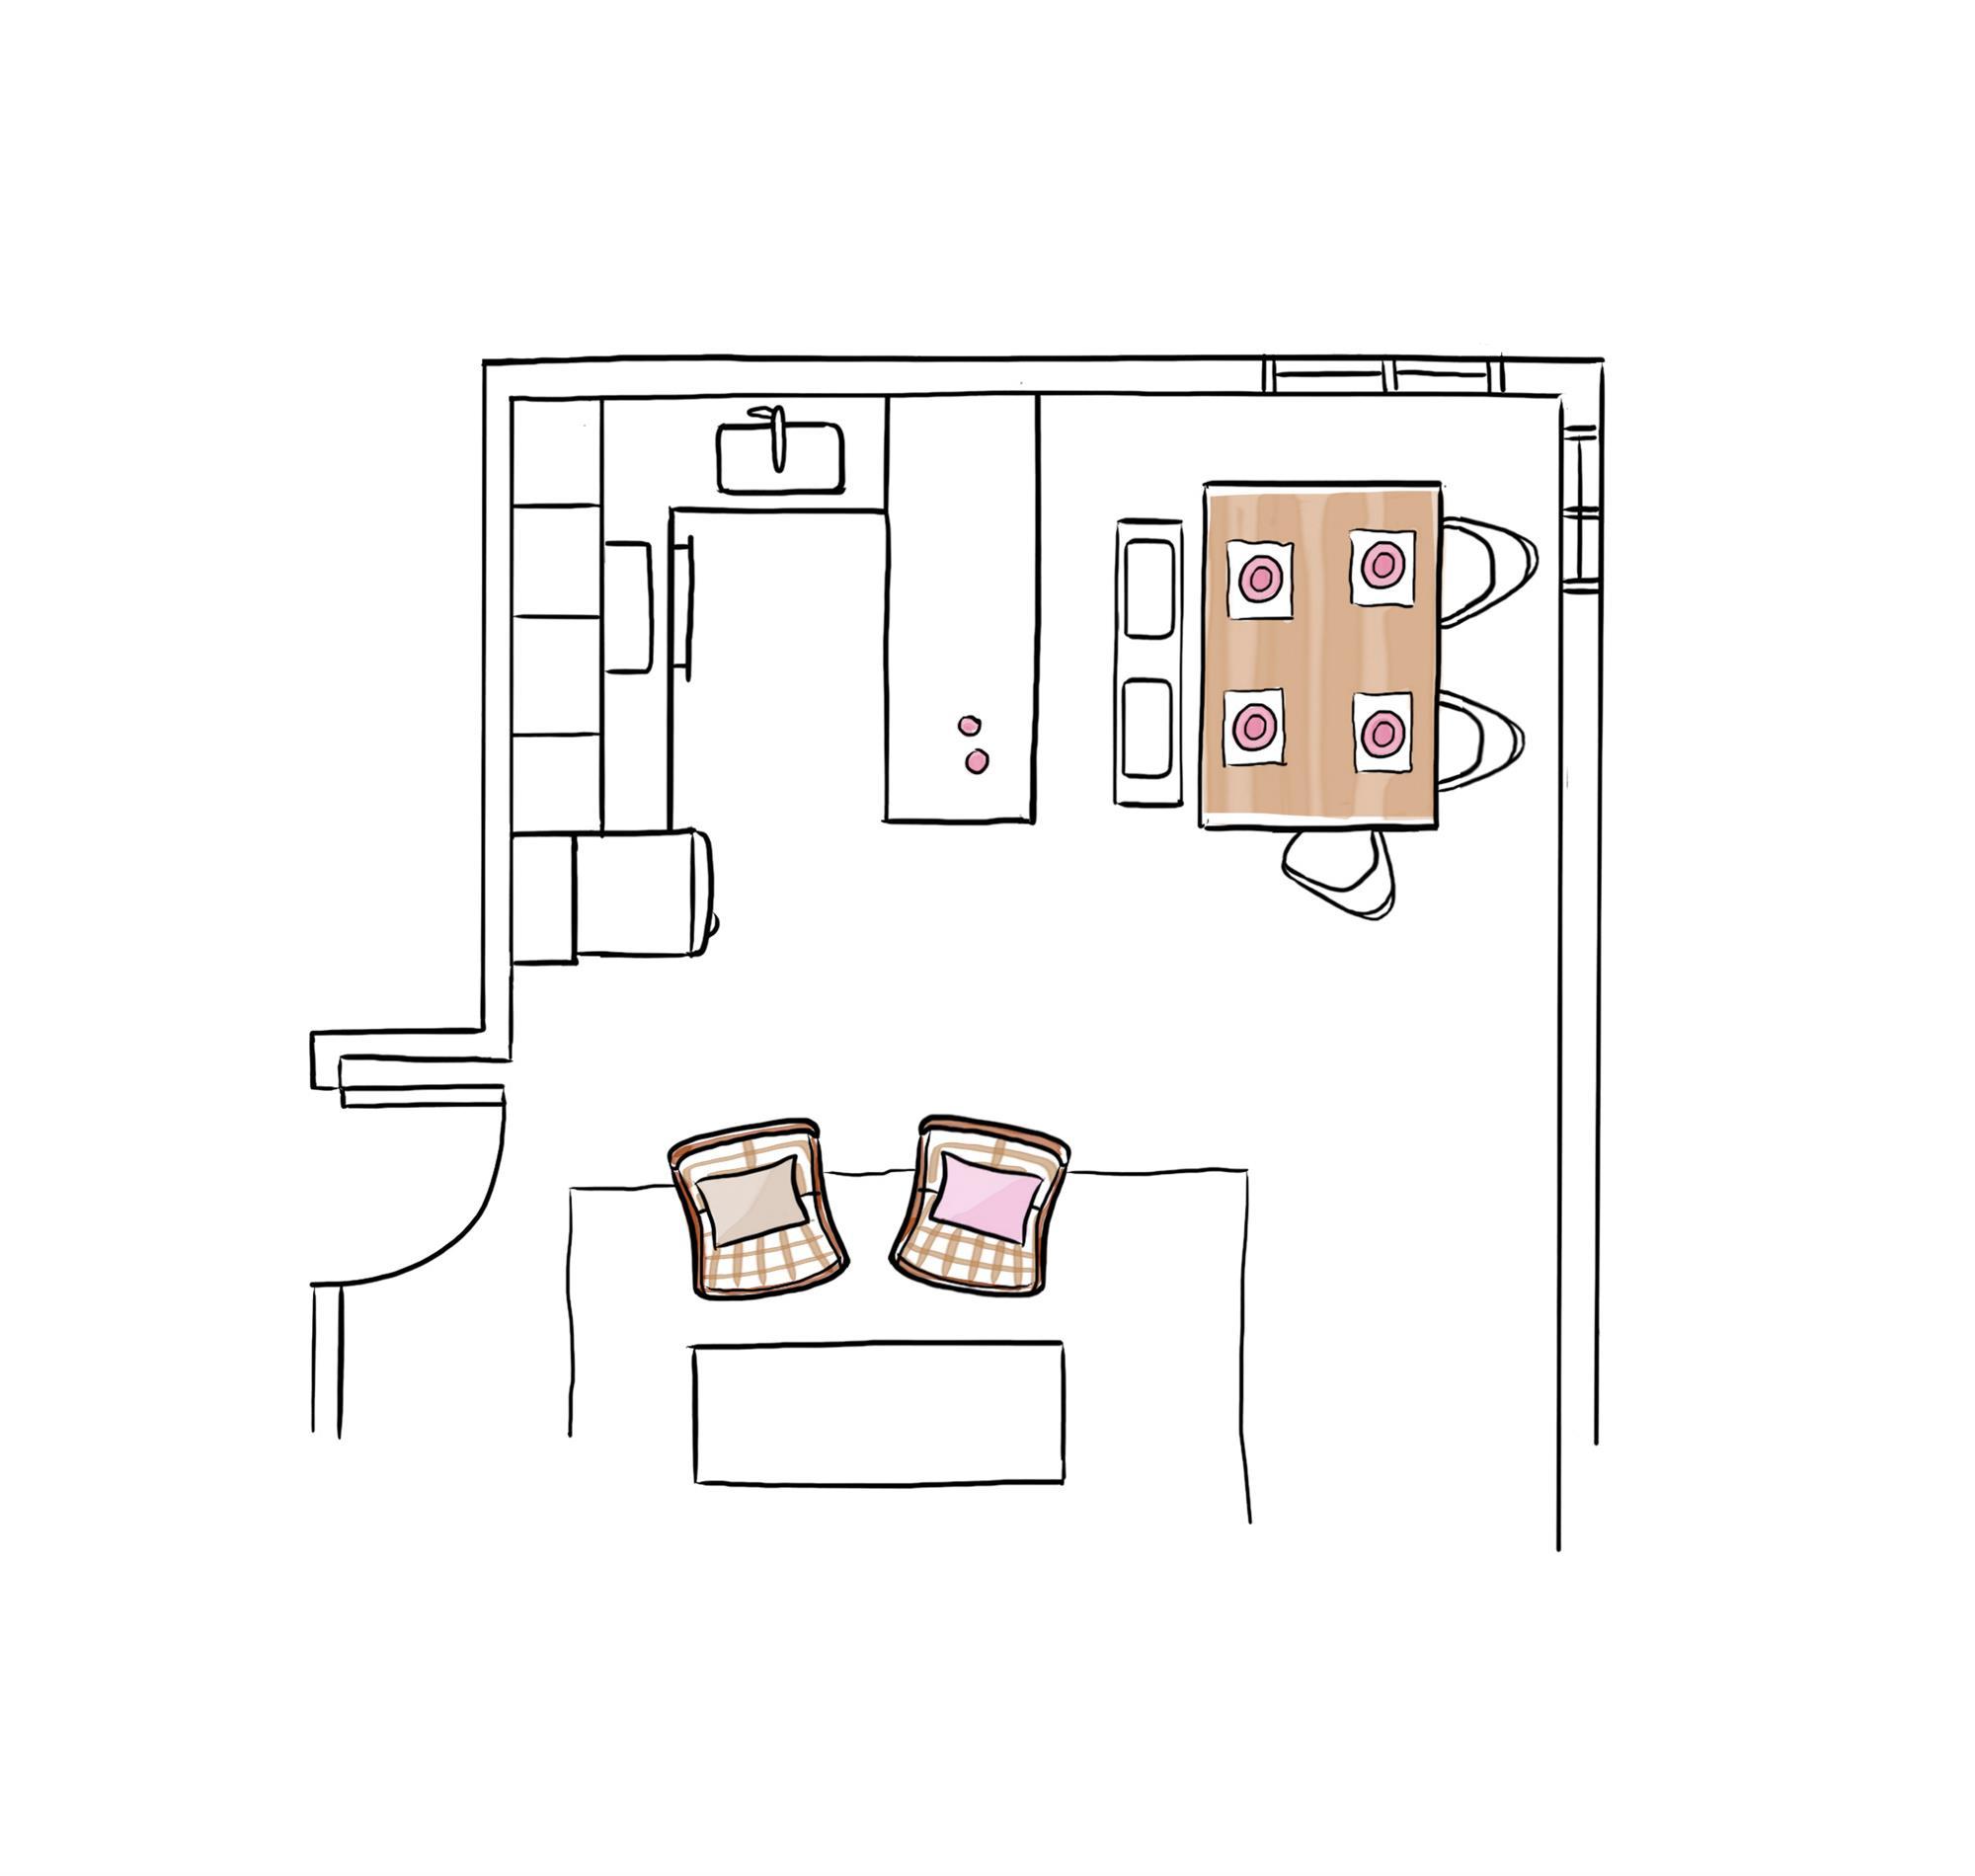 C mo hacer un plano a escala paso a paso - Como hacer un plano de una casa ...